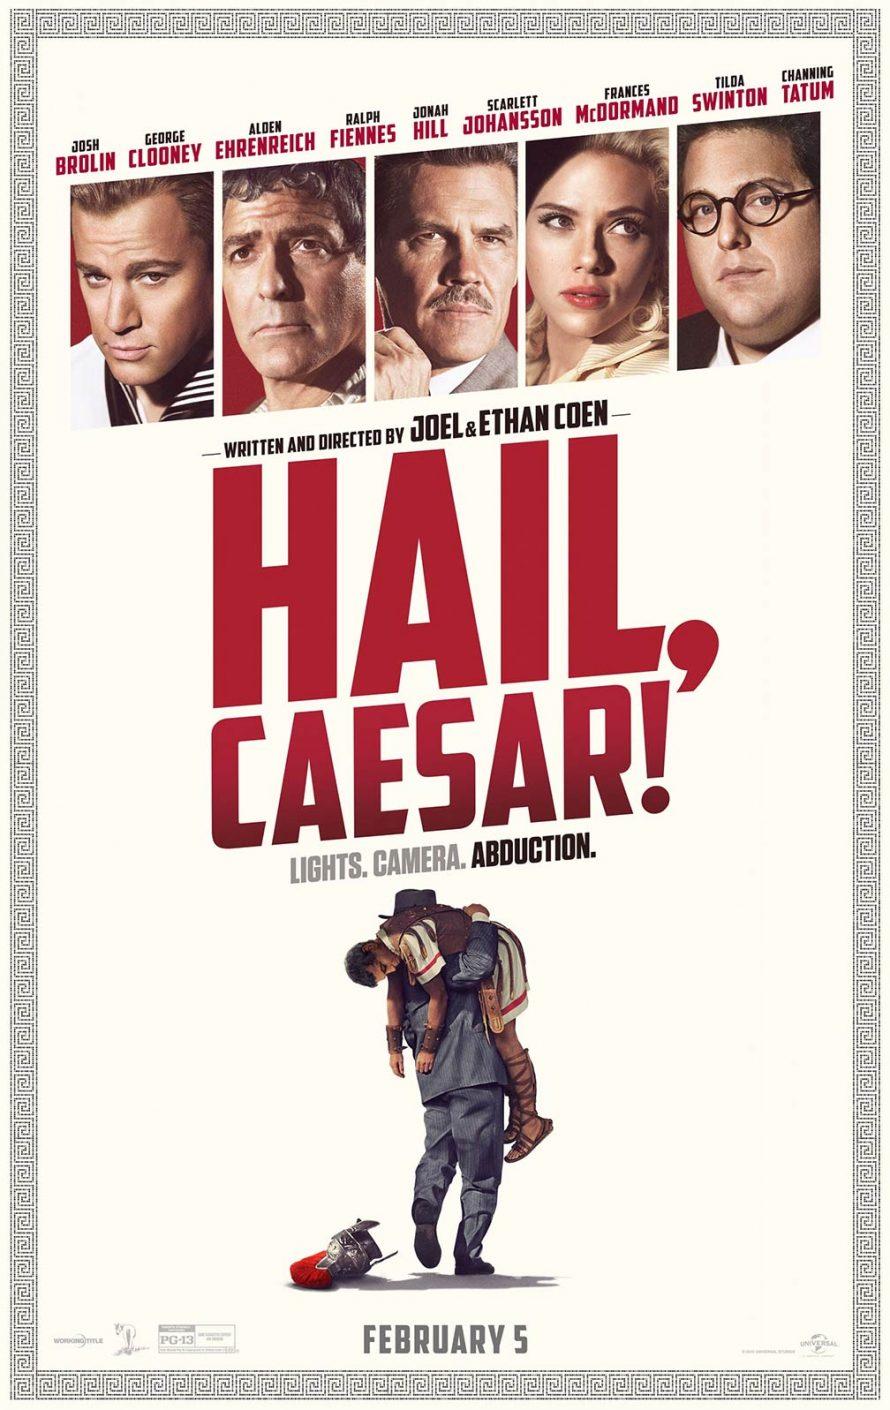 Modern Times Film: Hail Caesar!